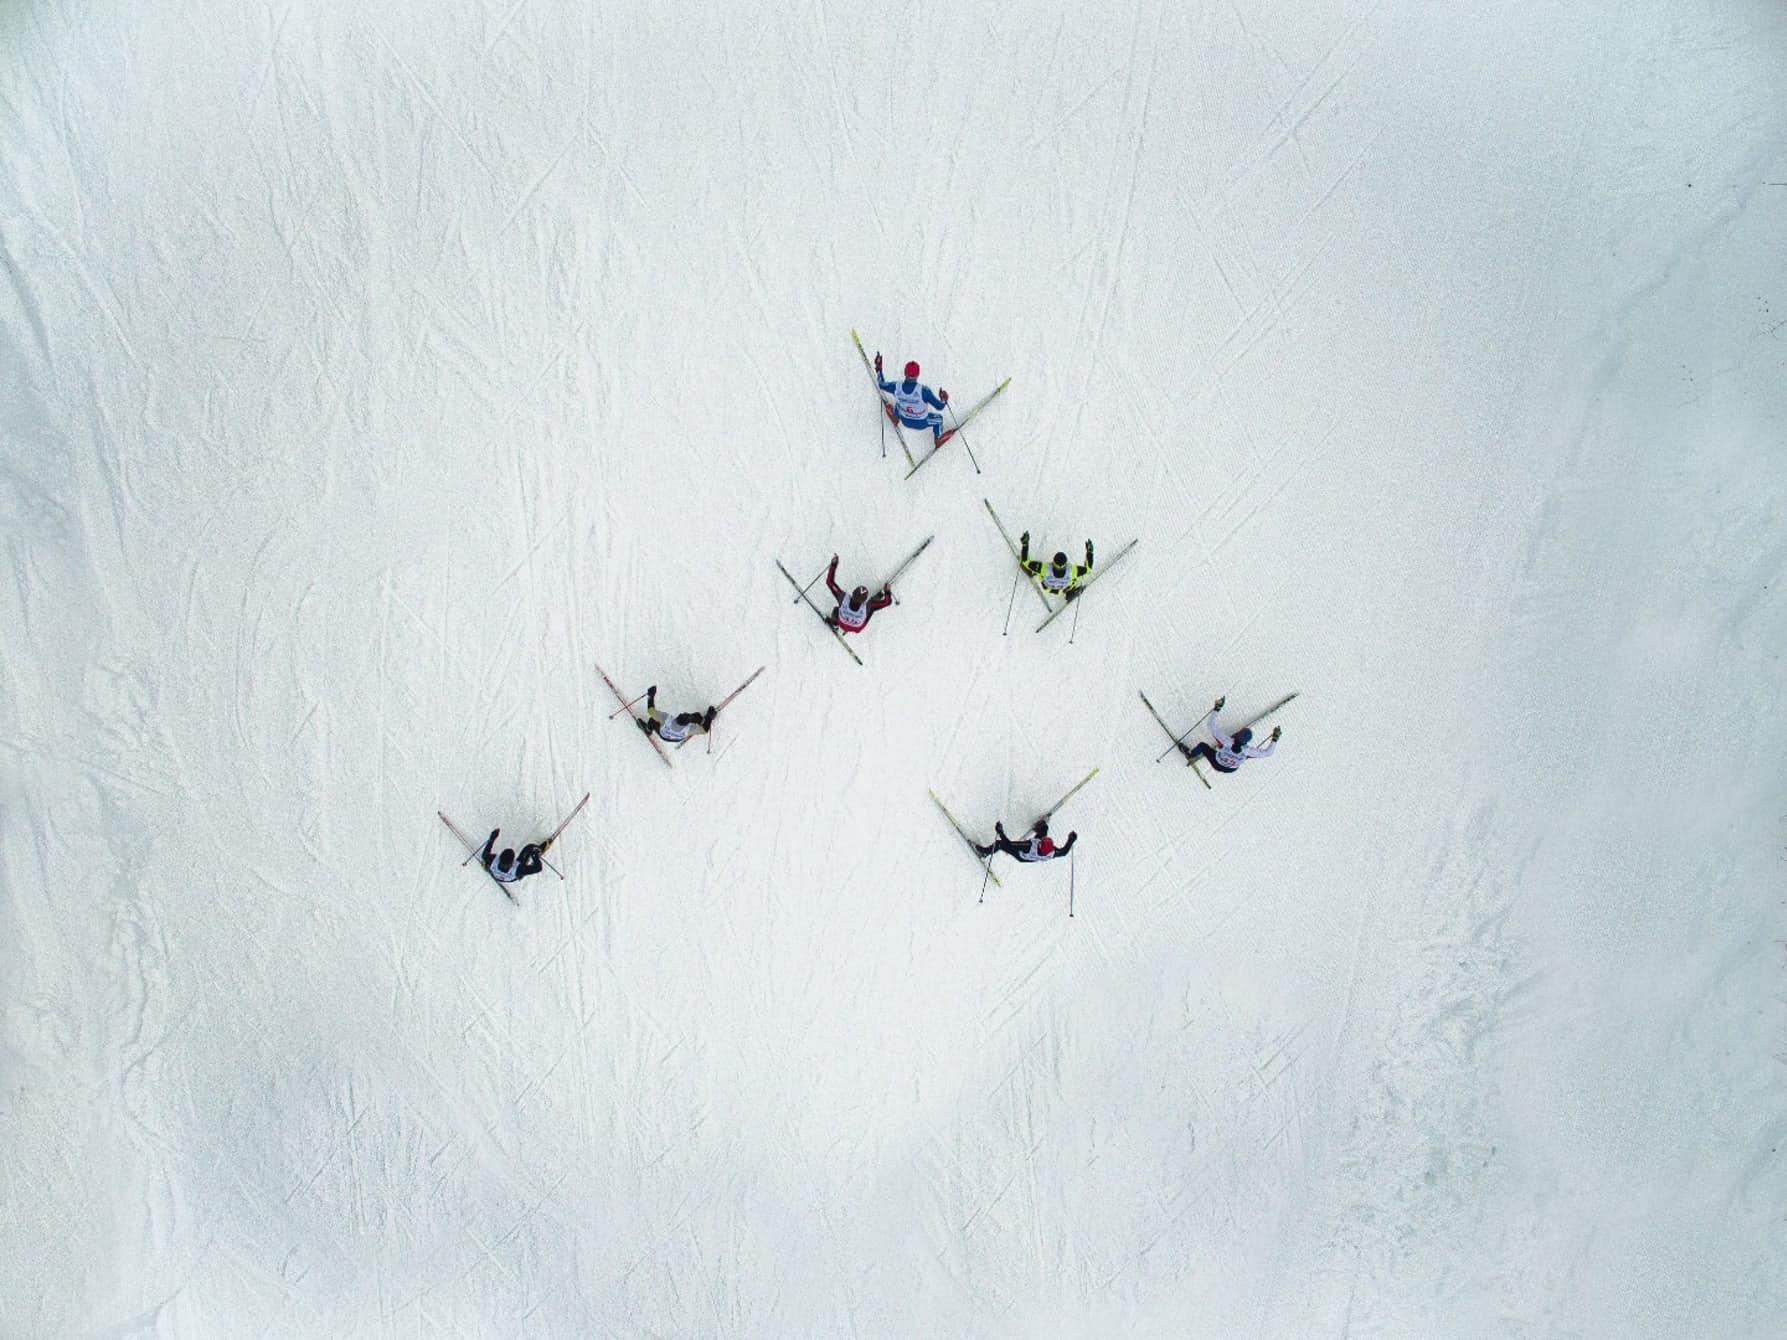 Những người trượt tuyết đua với nhau ở Asha, Nga (ảnh: Maksim Tarasov)